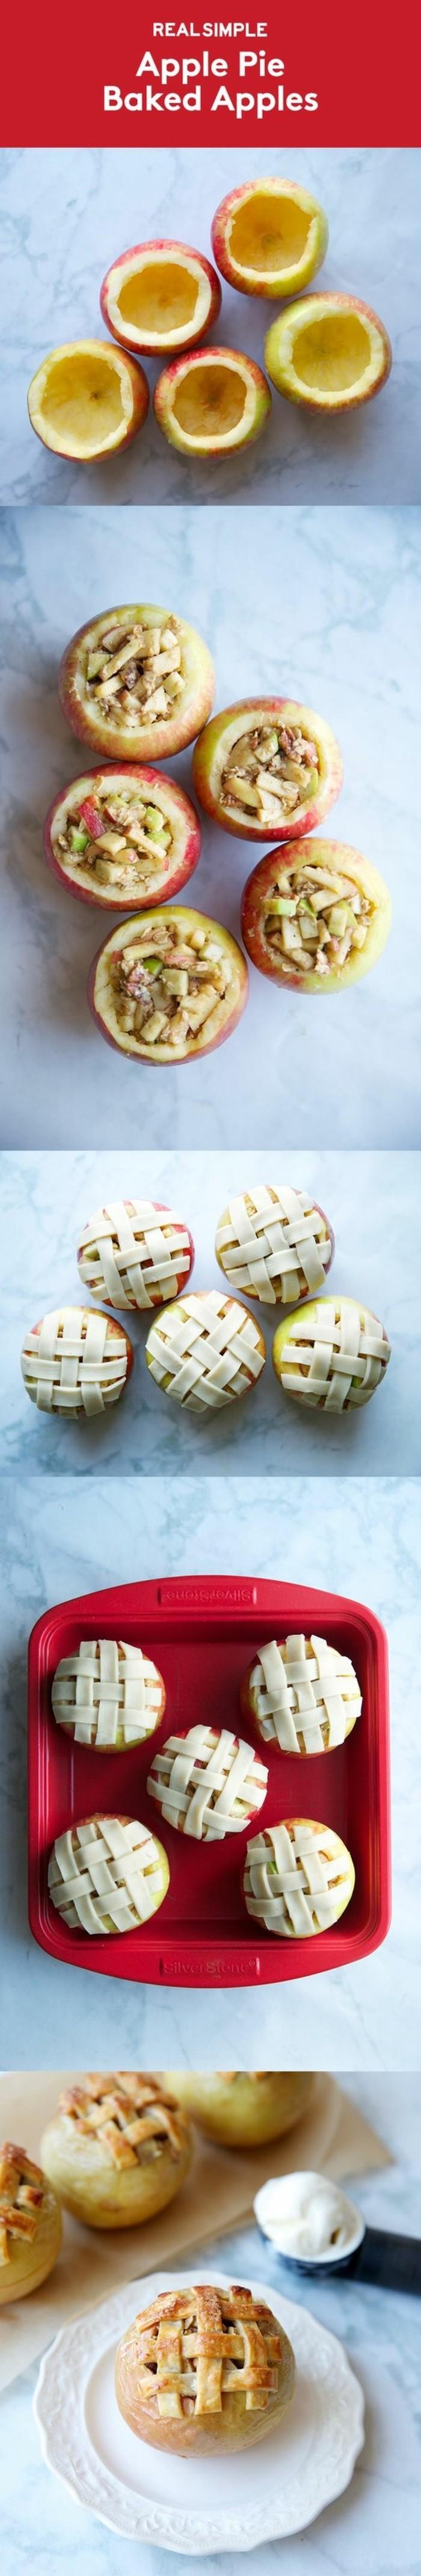 pommes-au-four-preparer-un-pie-de-pommes-et-un-peu-de-pate